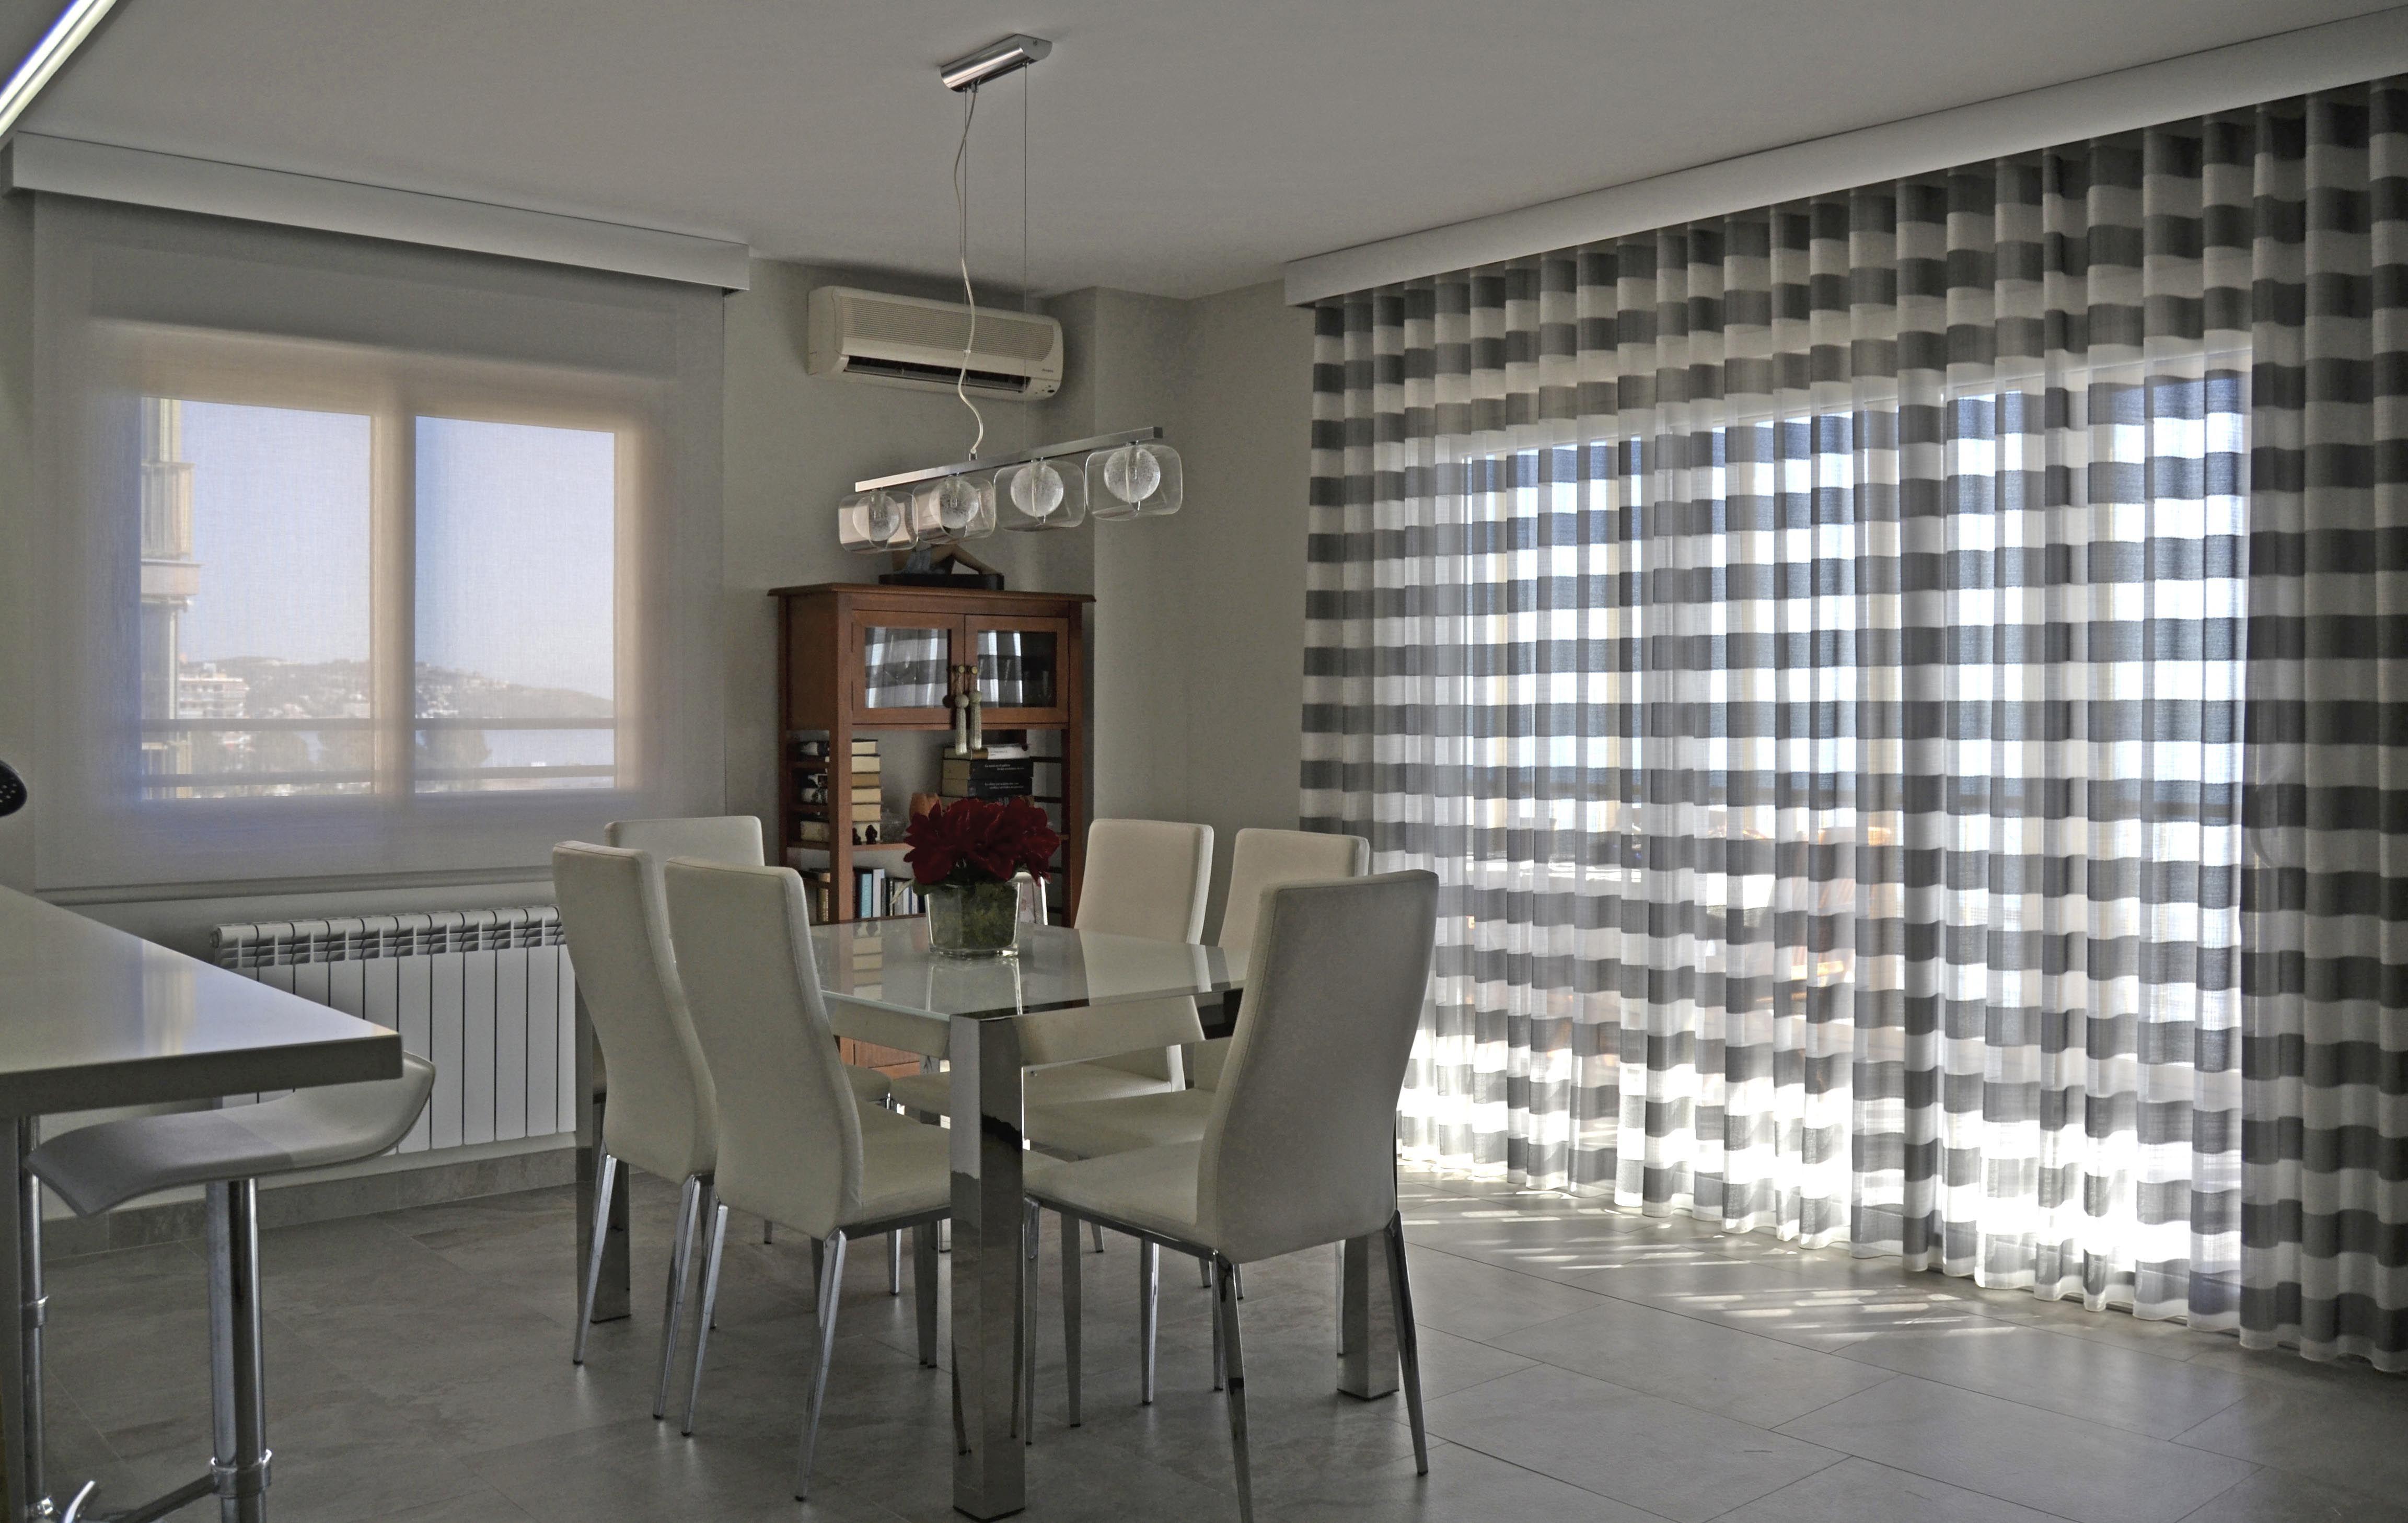 combinando enrollable y cortina en las ventanas de un mismo comedor villalba